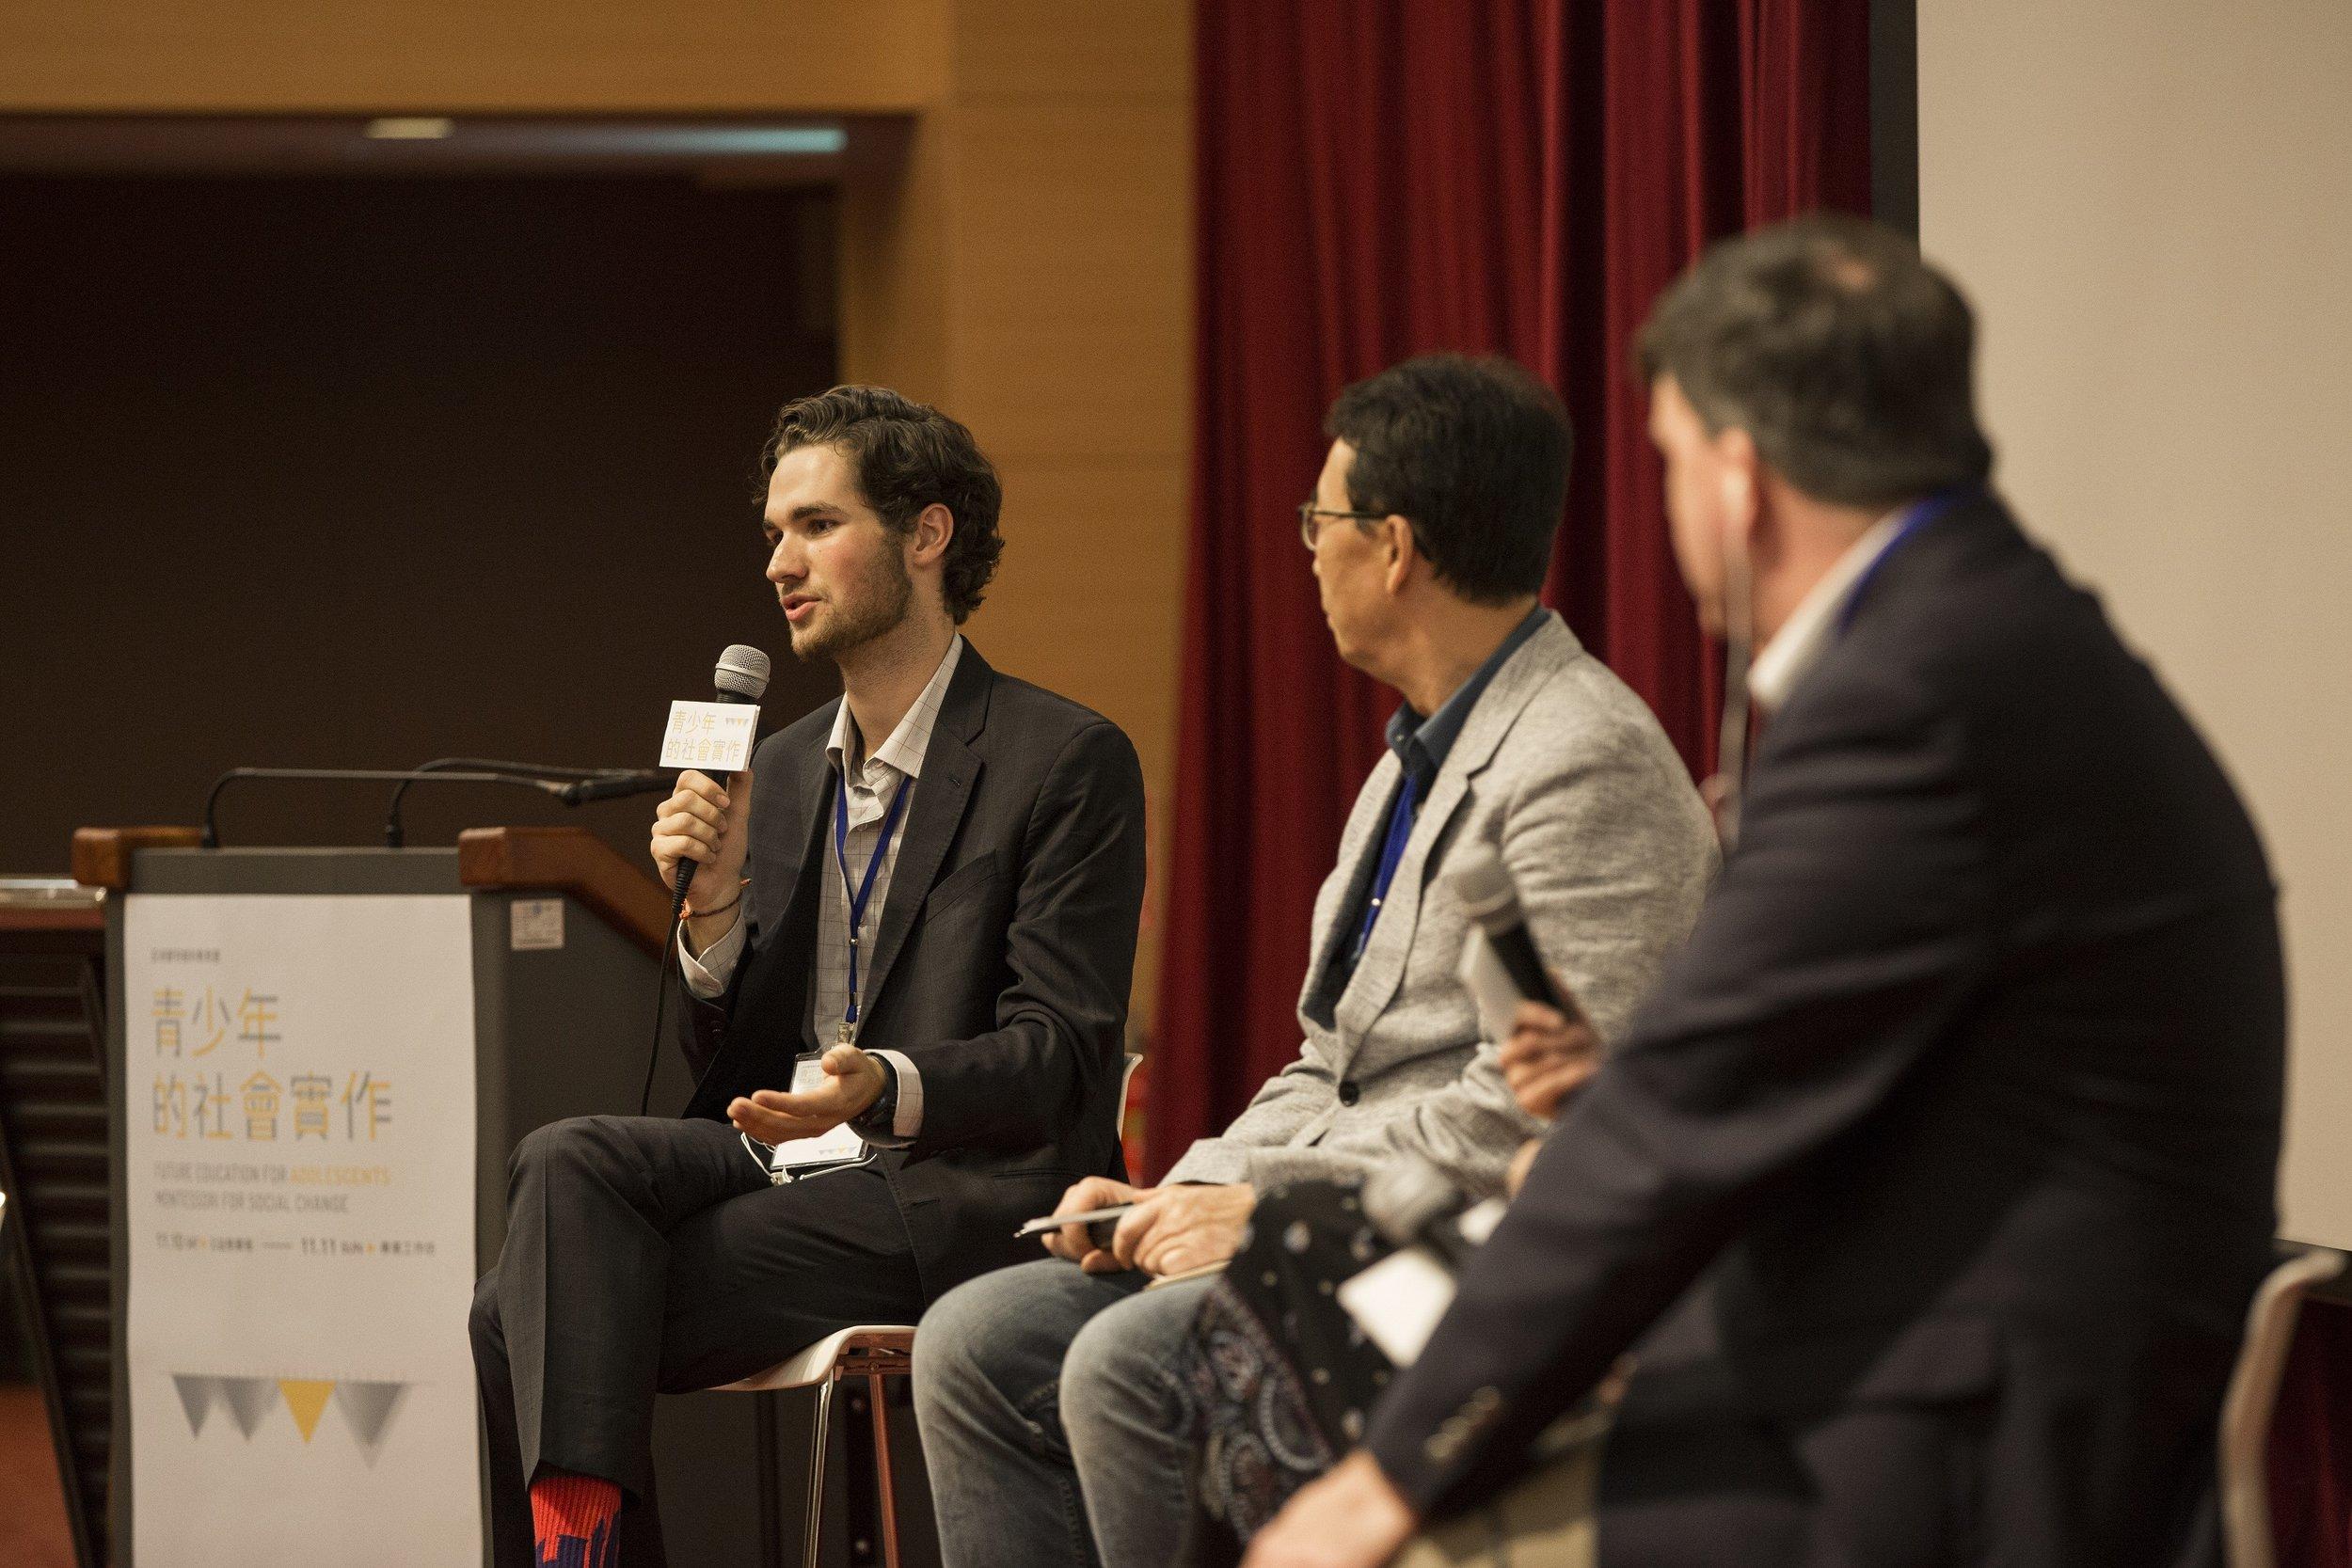 (左起) 綜合座談與談人Max Schubert,主持人鄭同僚, 講者Michael Waski.JPG